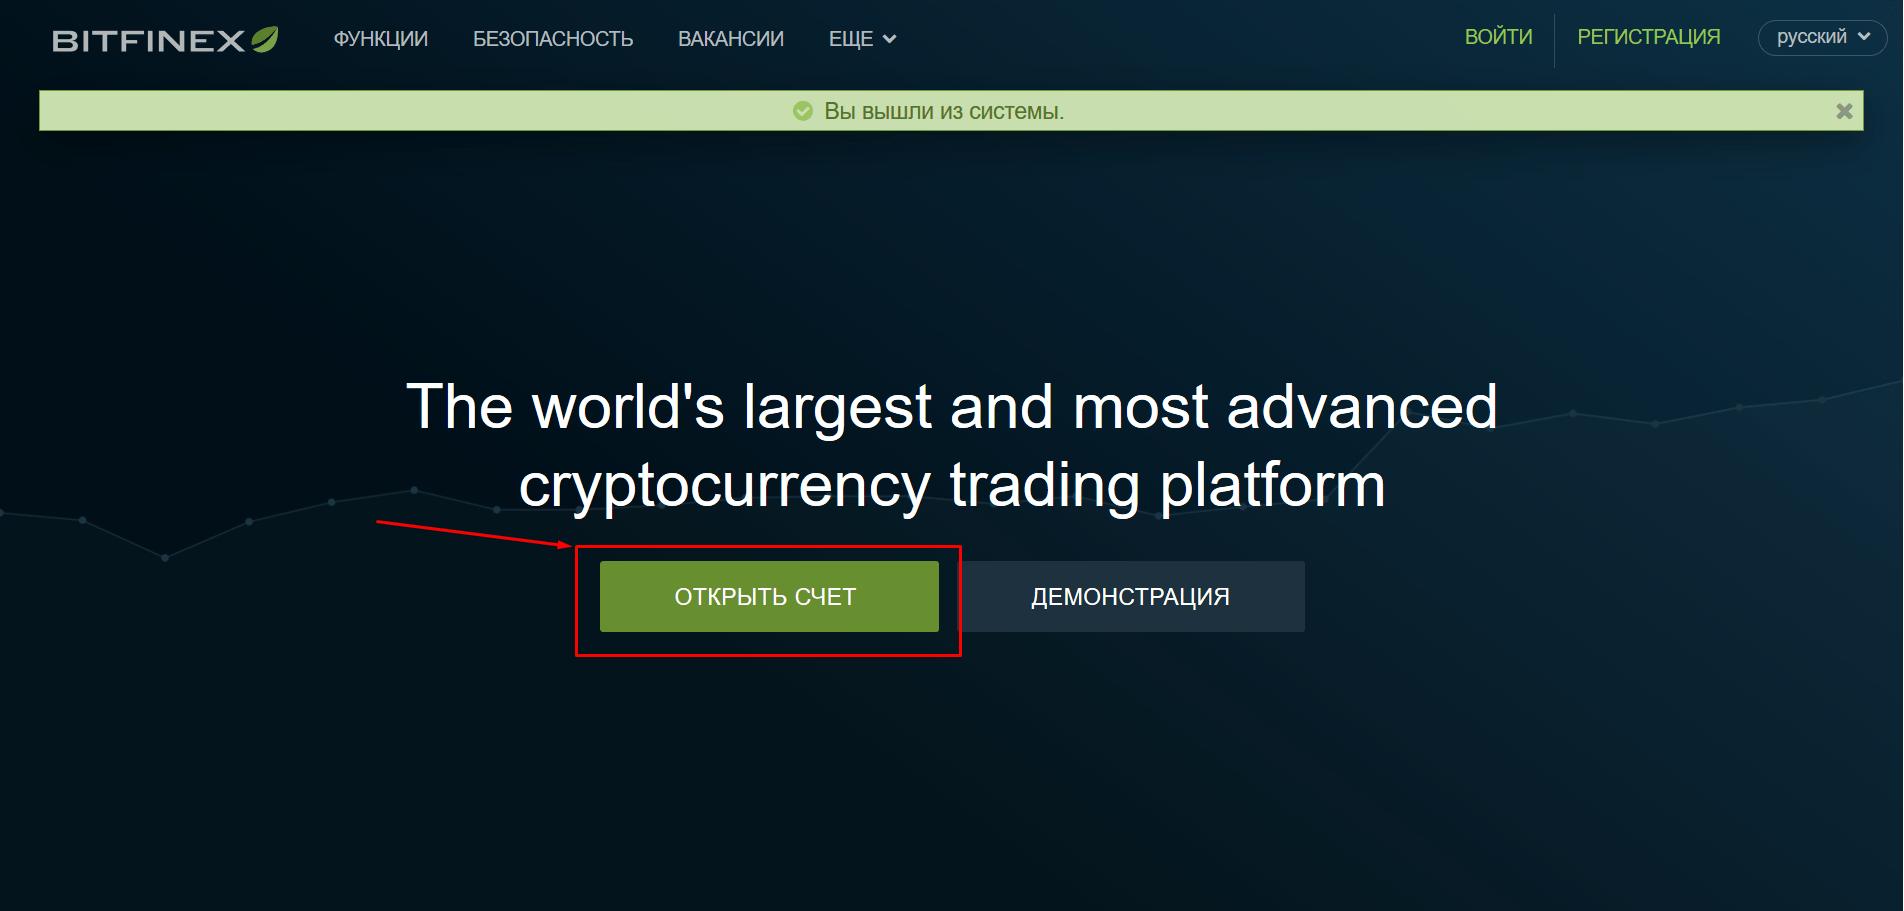 Регистрация на бирже Bitfinex